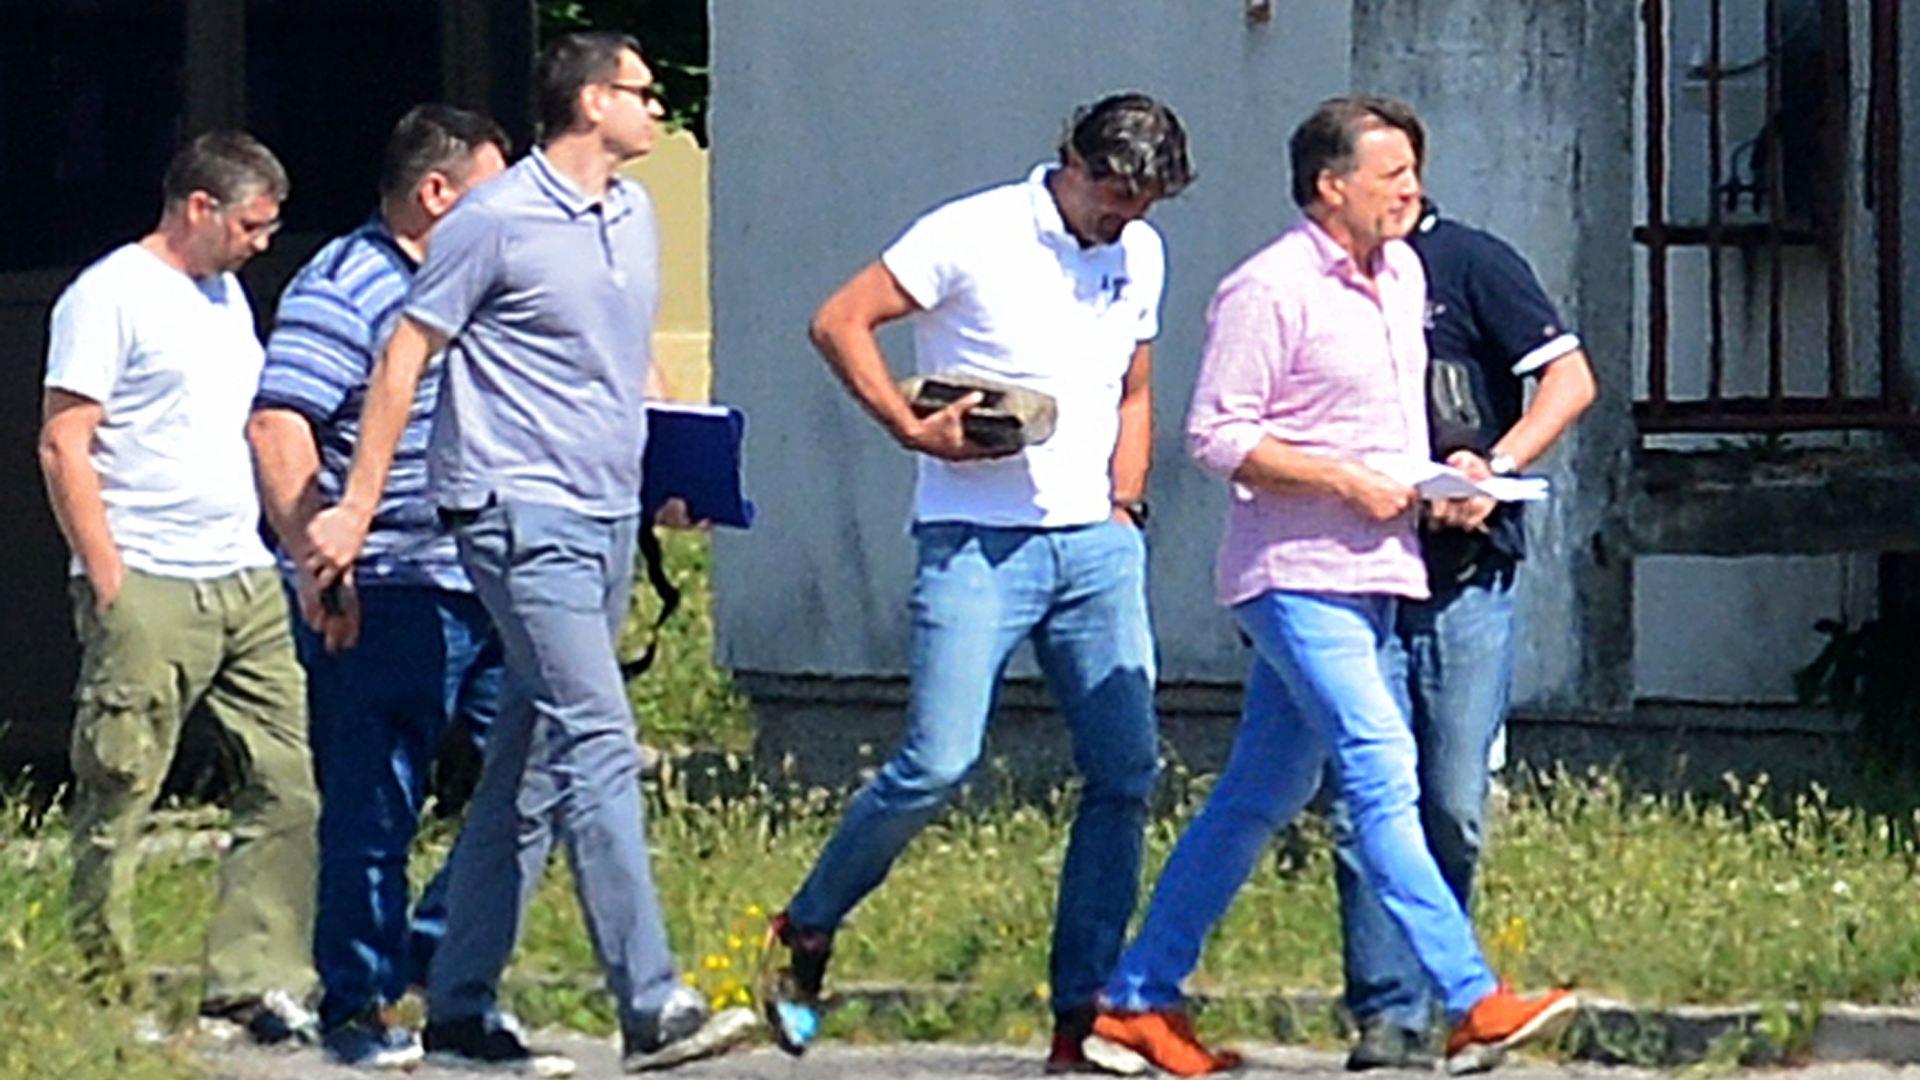 VIDEO: ZAVRŠENA ISPITIVANJA Zdravko Mamić iznio obranu i odbacio sve optužbe